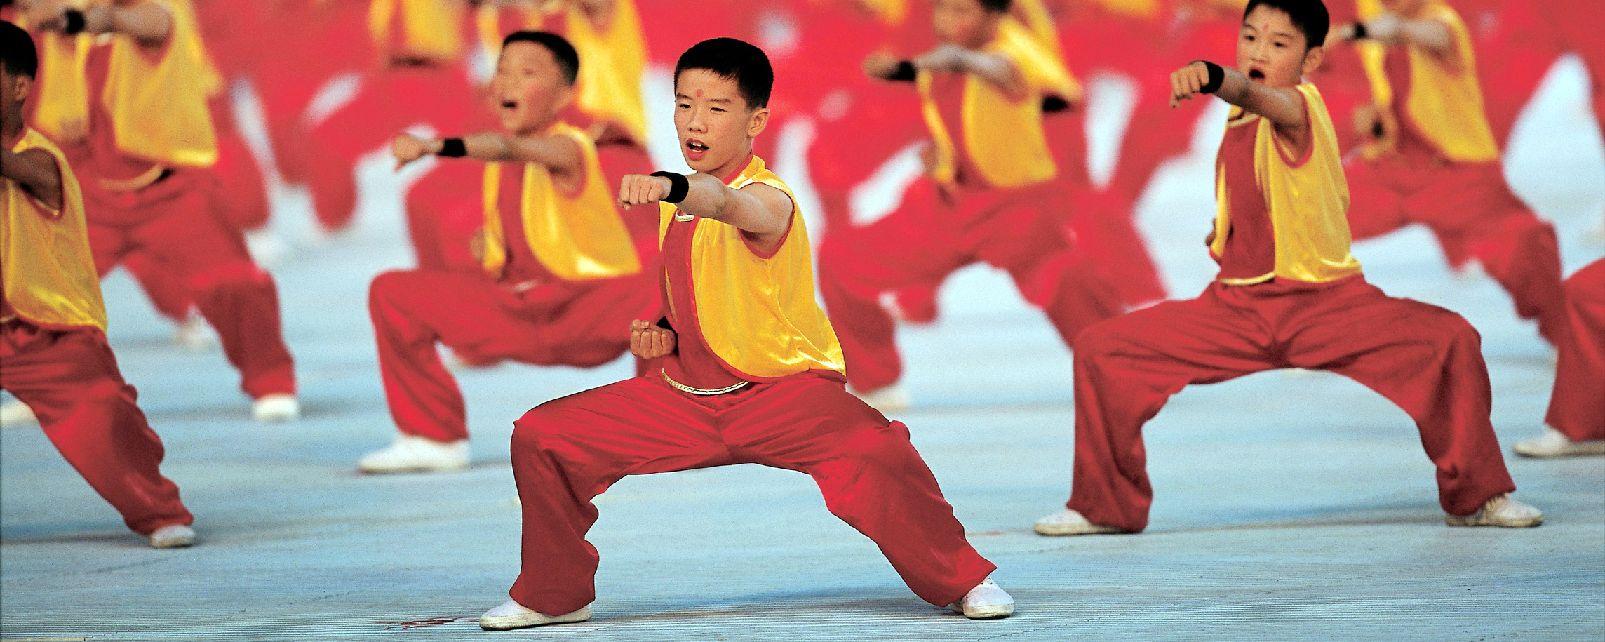 Les arts martiaux province de p kin la province de for Maitre art martiaux chinois